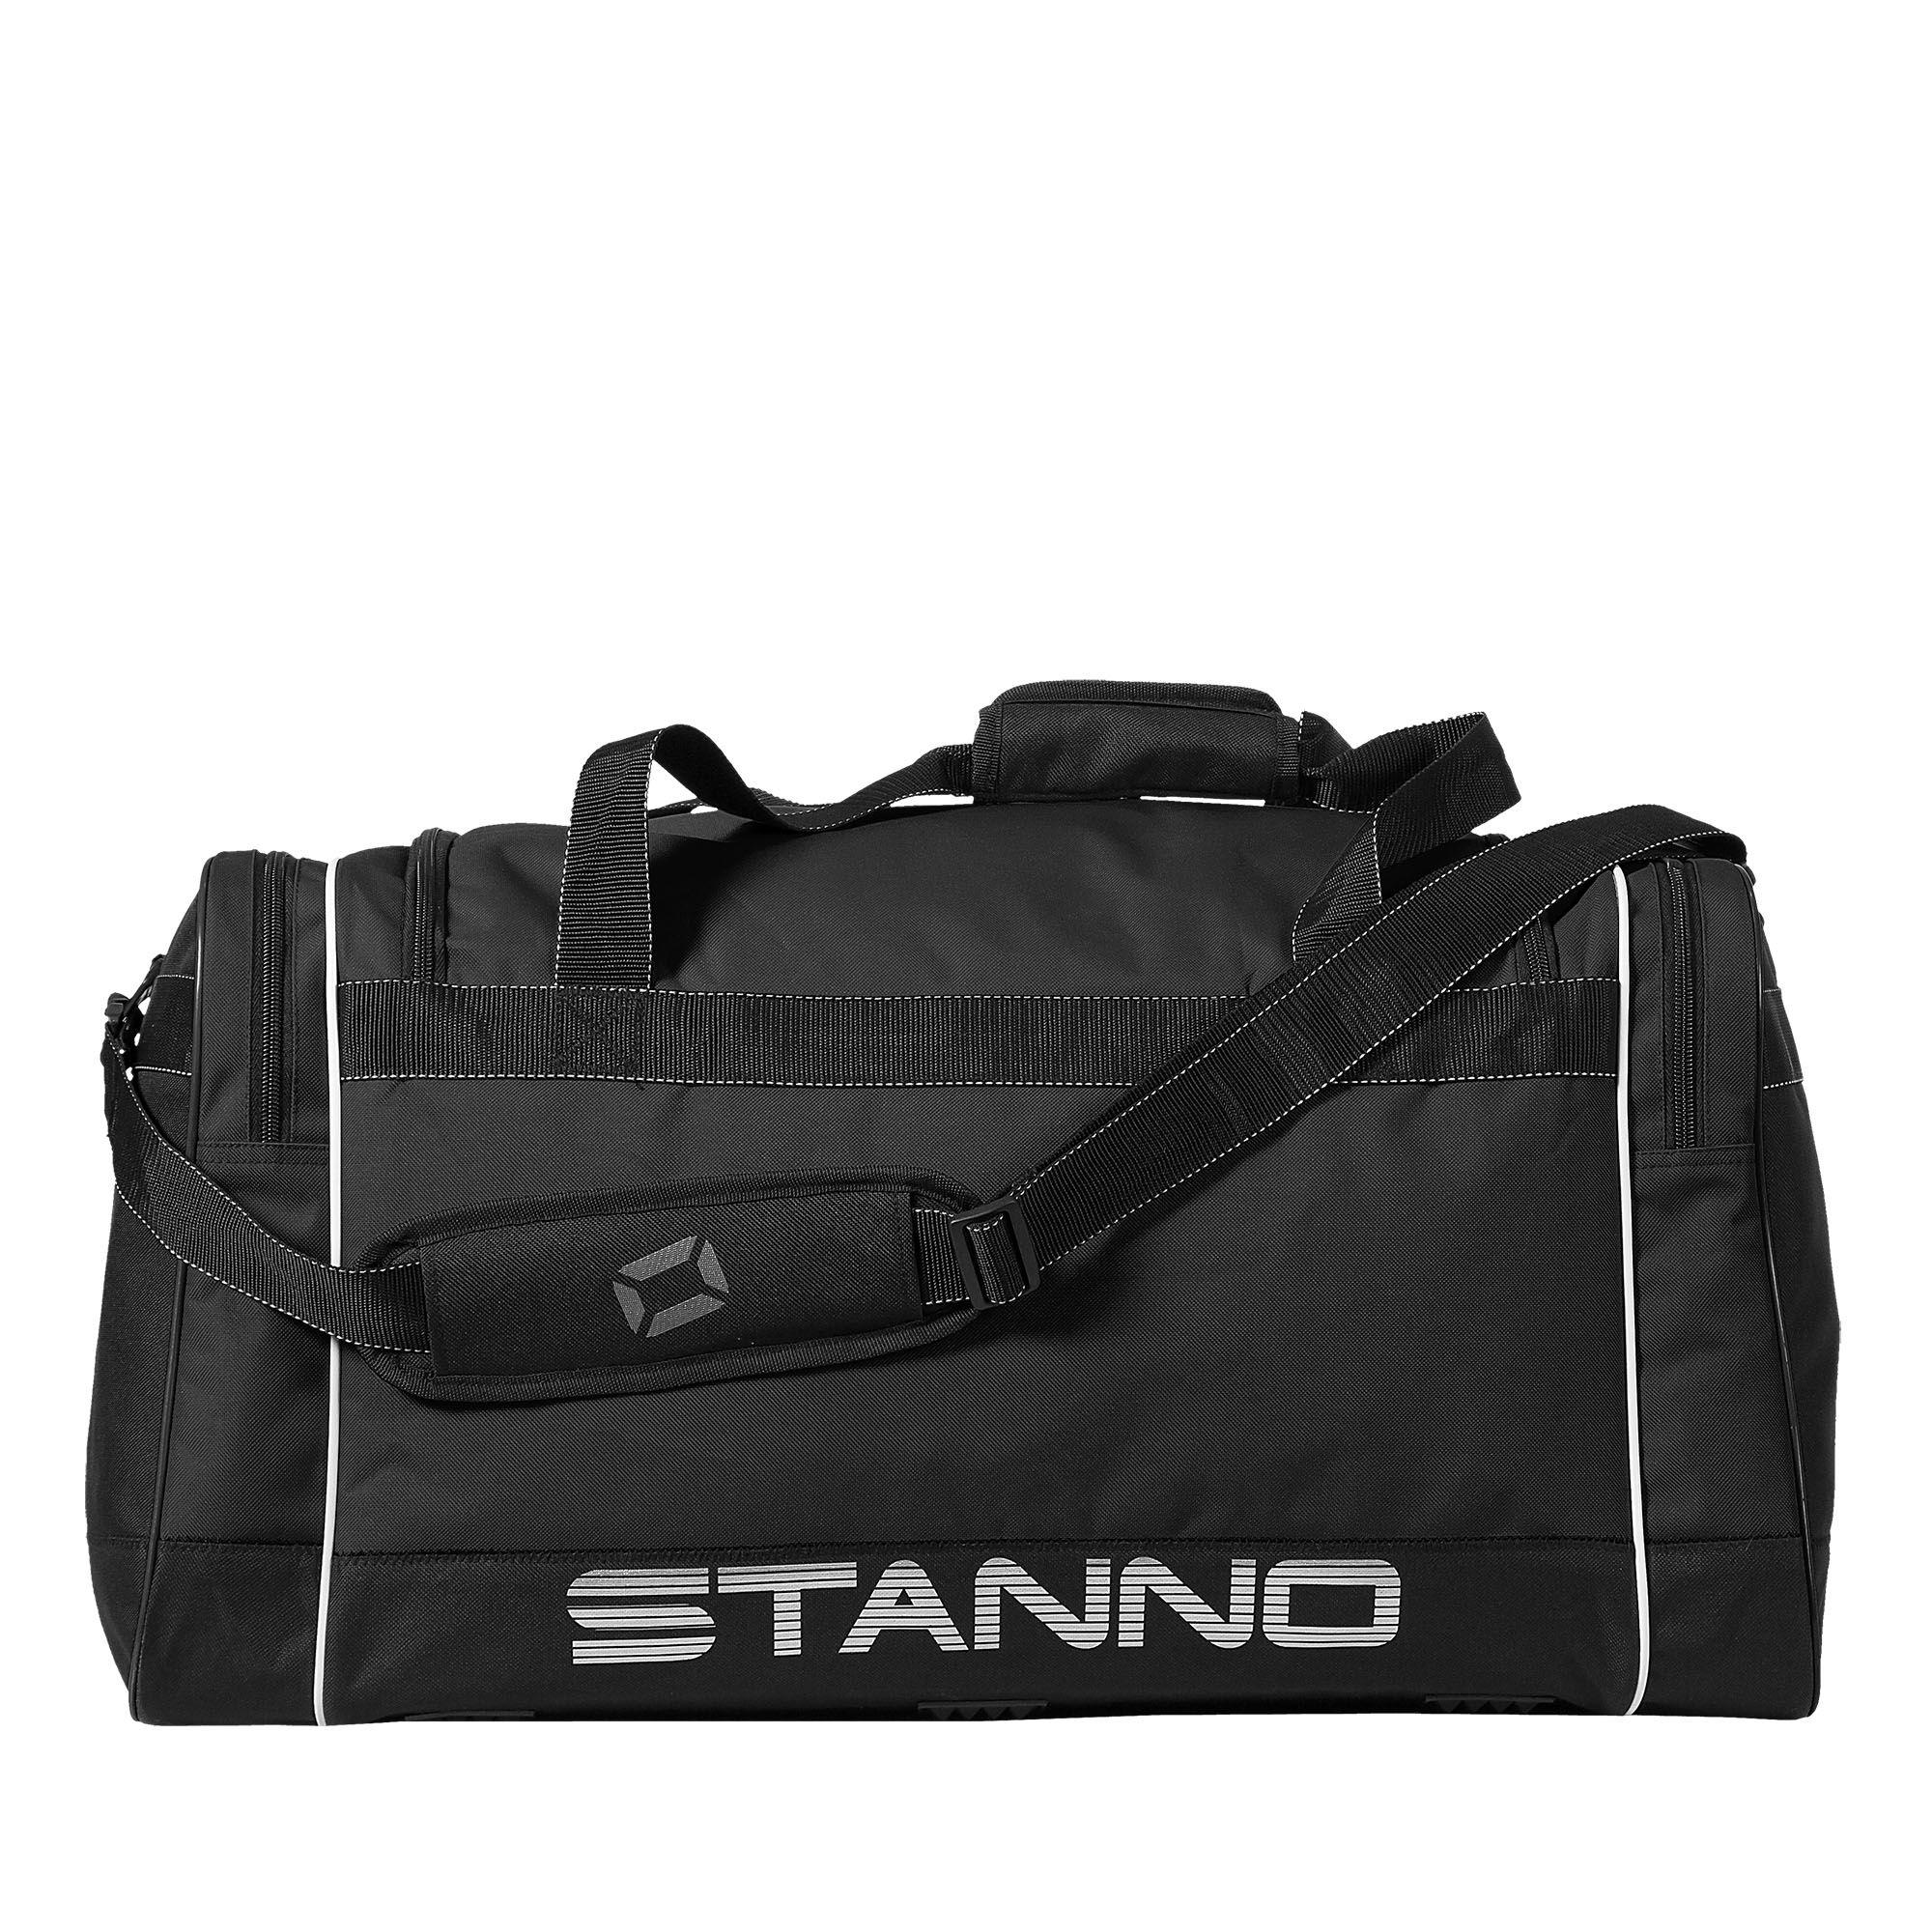 -Lerida Excellence Sports Bag-484822-8000-NO SZ--Stanno.com 56cbb288beddc